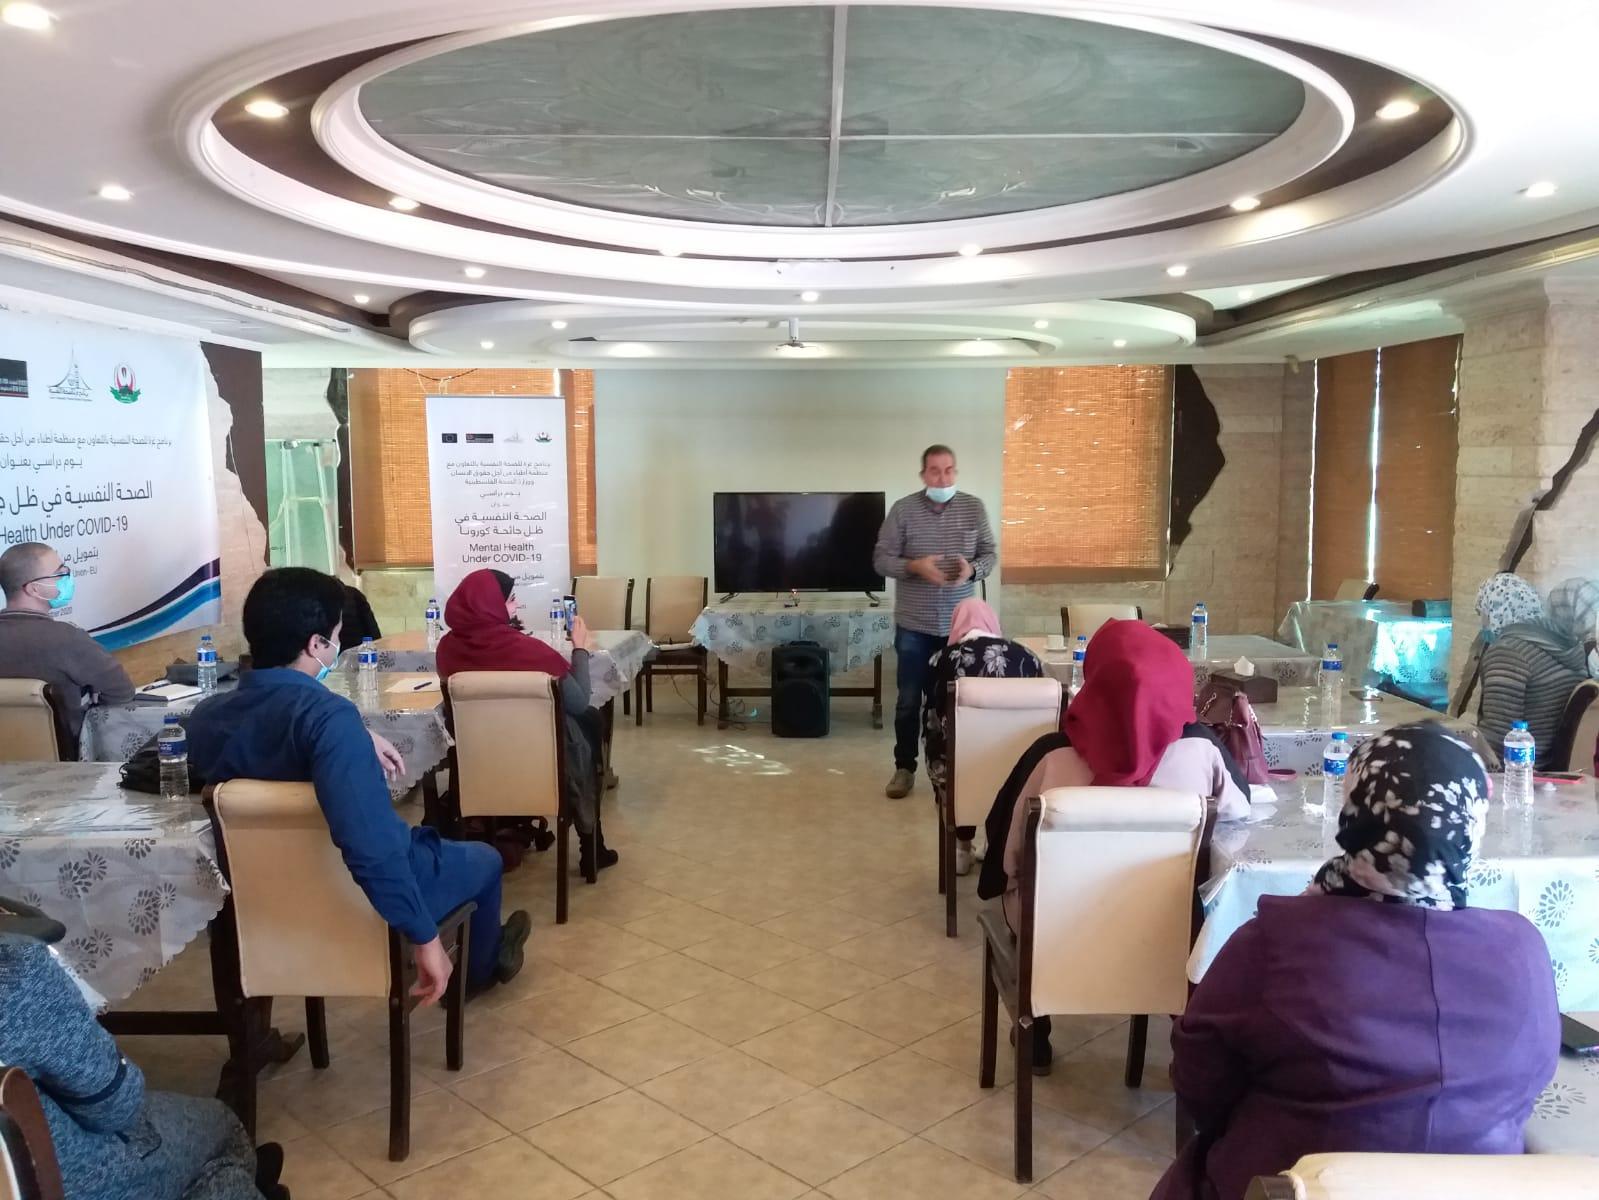 الصحة ومنظمة أطباء من أجل حقوق الإنسان تعقدان يوماً دراسياً حول الصحة النفسية في ظل جائحة كورونا